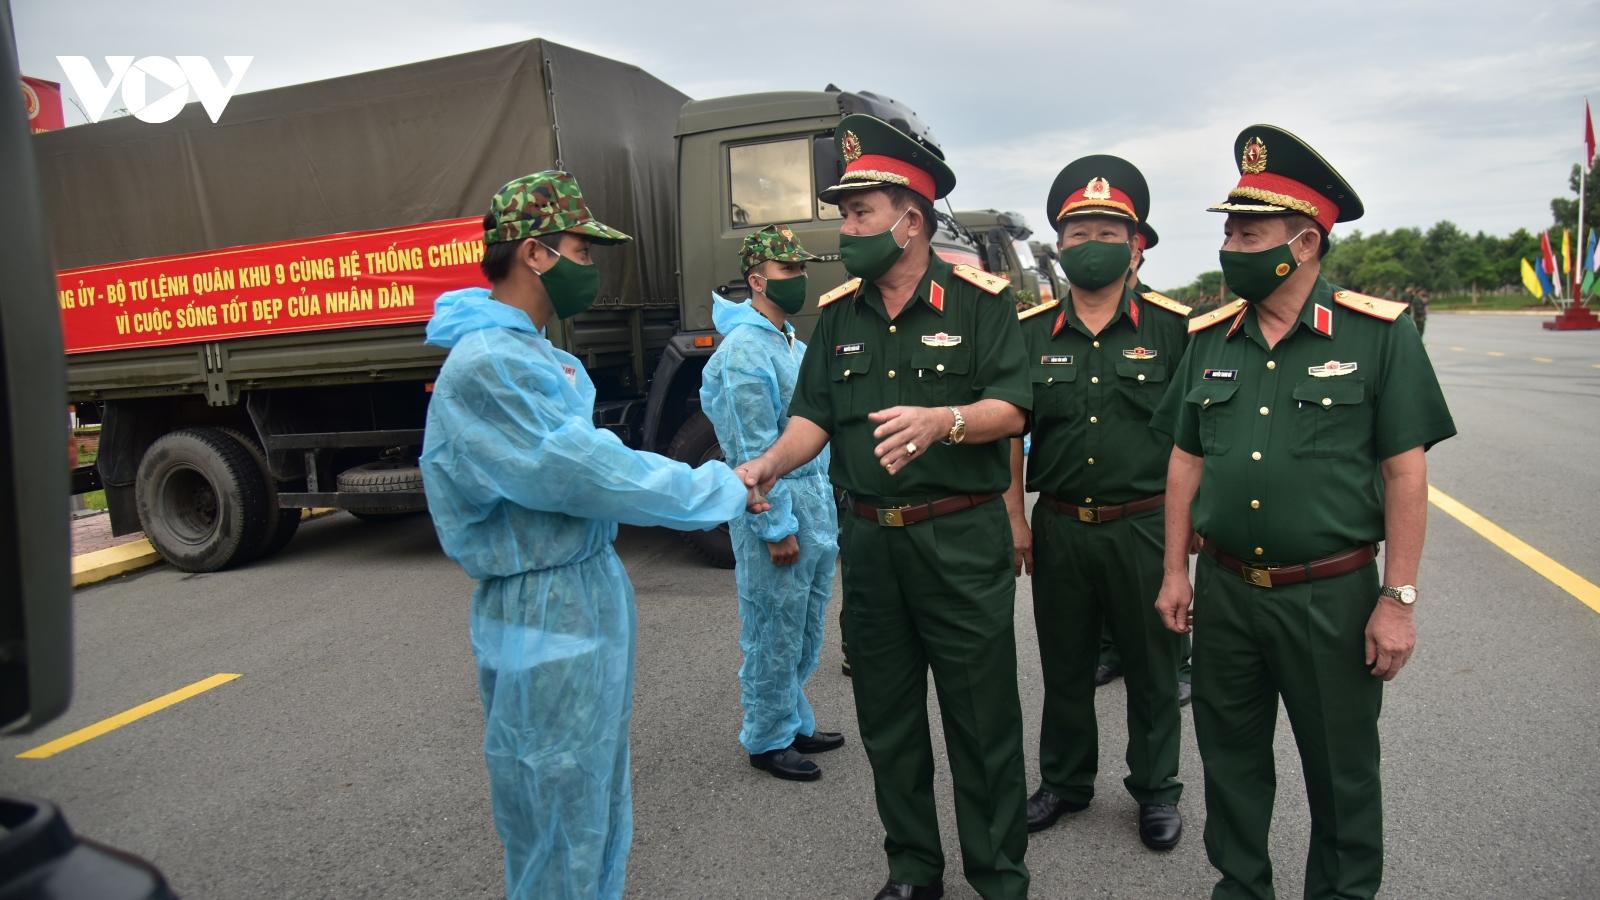 Quân khu 9 vận chuyển 50 tấn nông sản, thực phẩm tặng TP.HCM